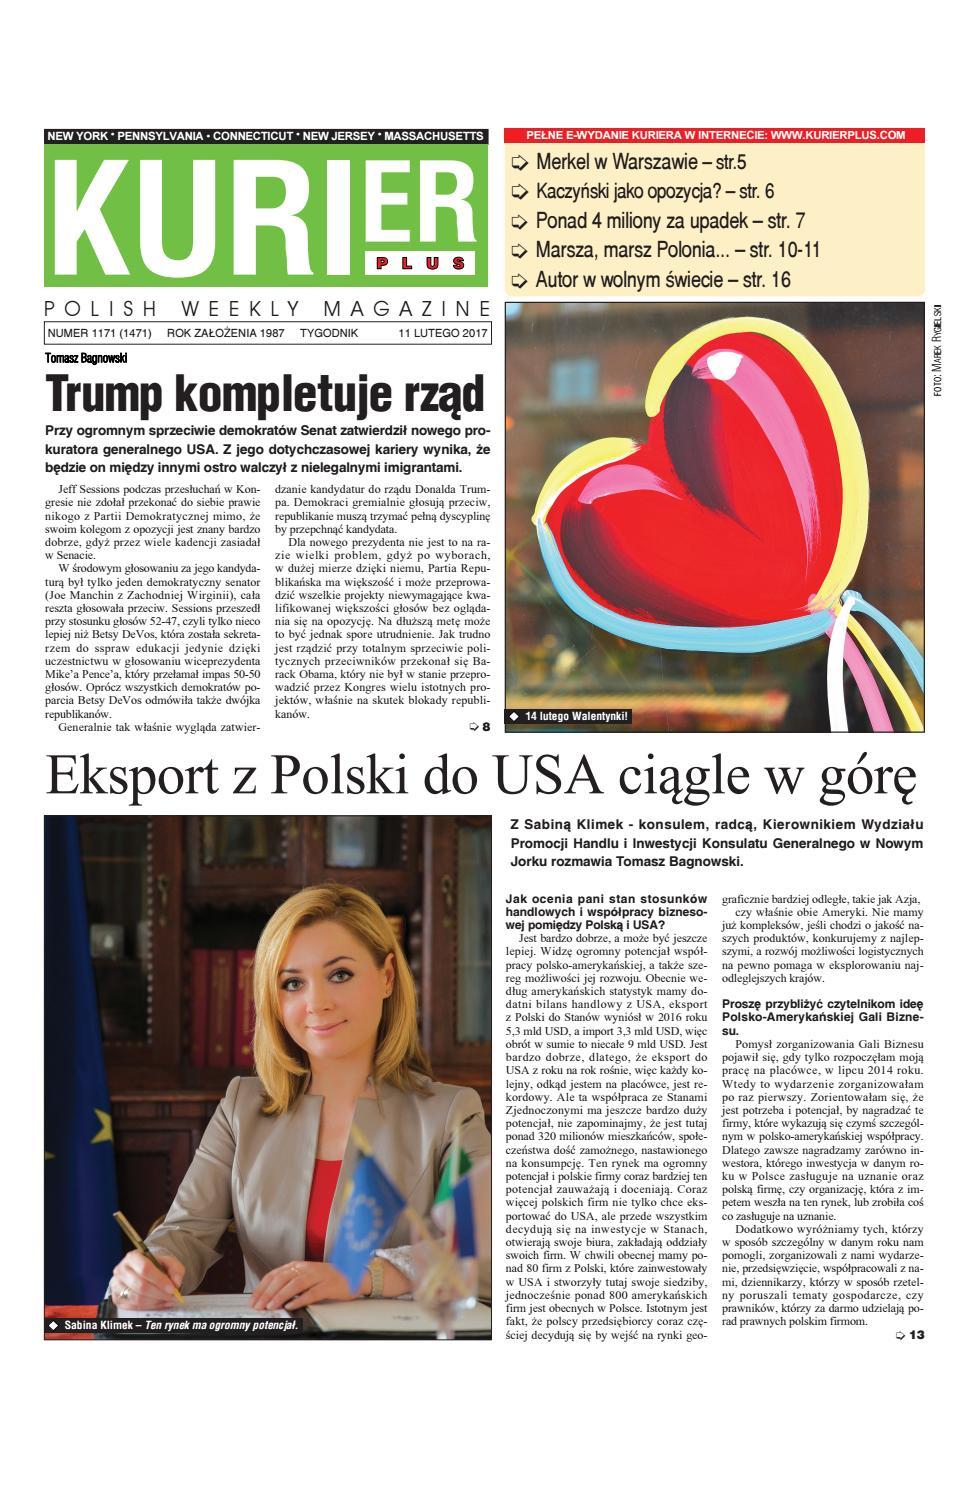 Kurier Plus 11 Lutego 2017 By Kurier Plus Issuu